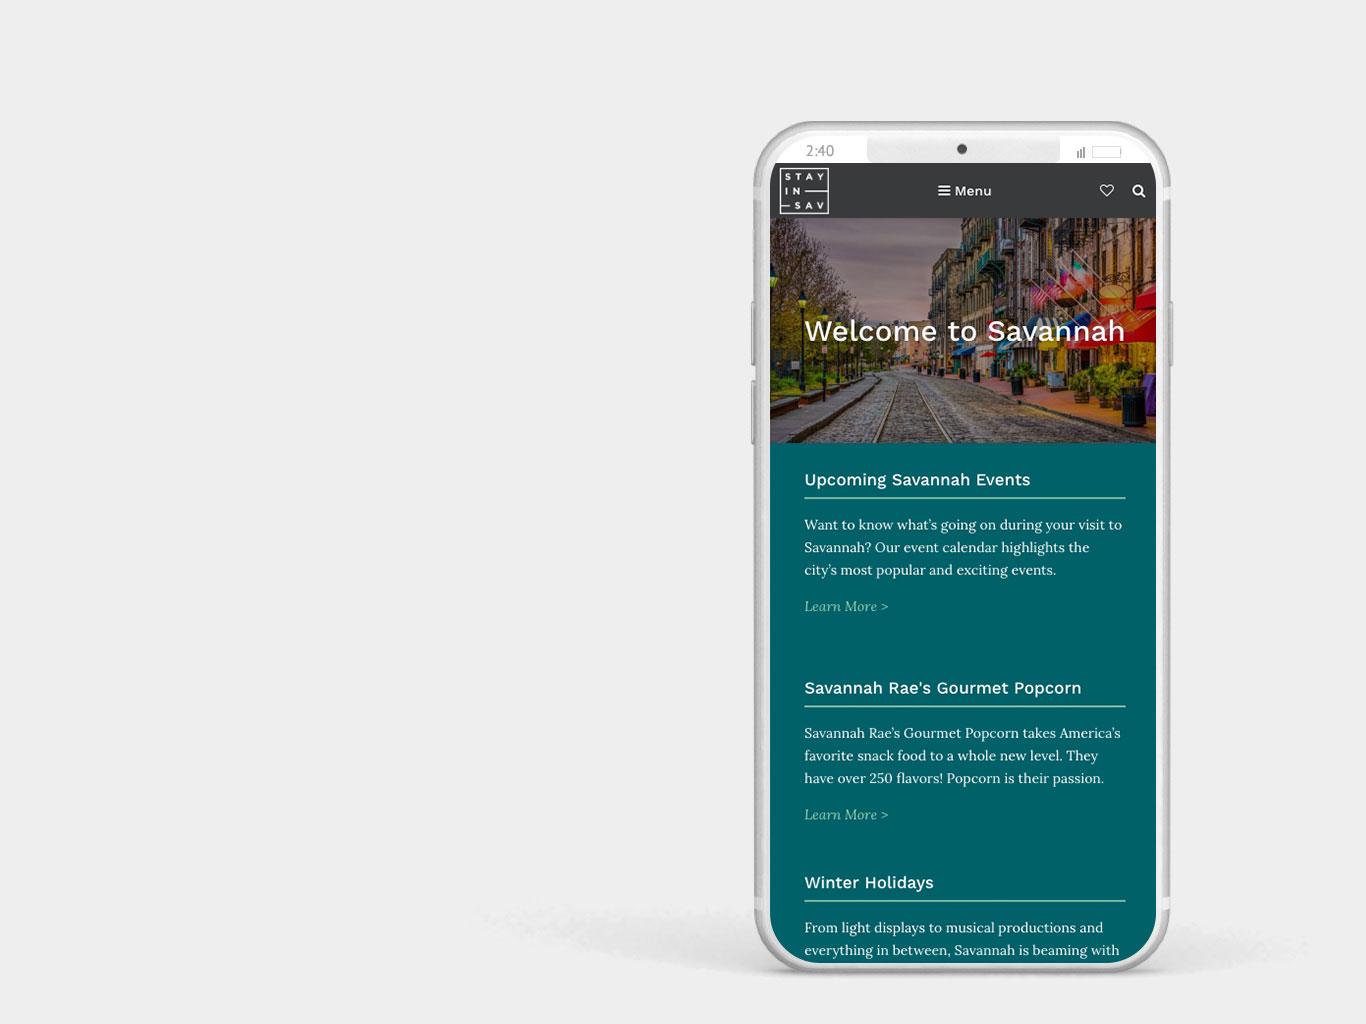 Stay in Savannah Mobile Website Design